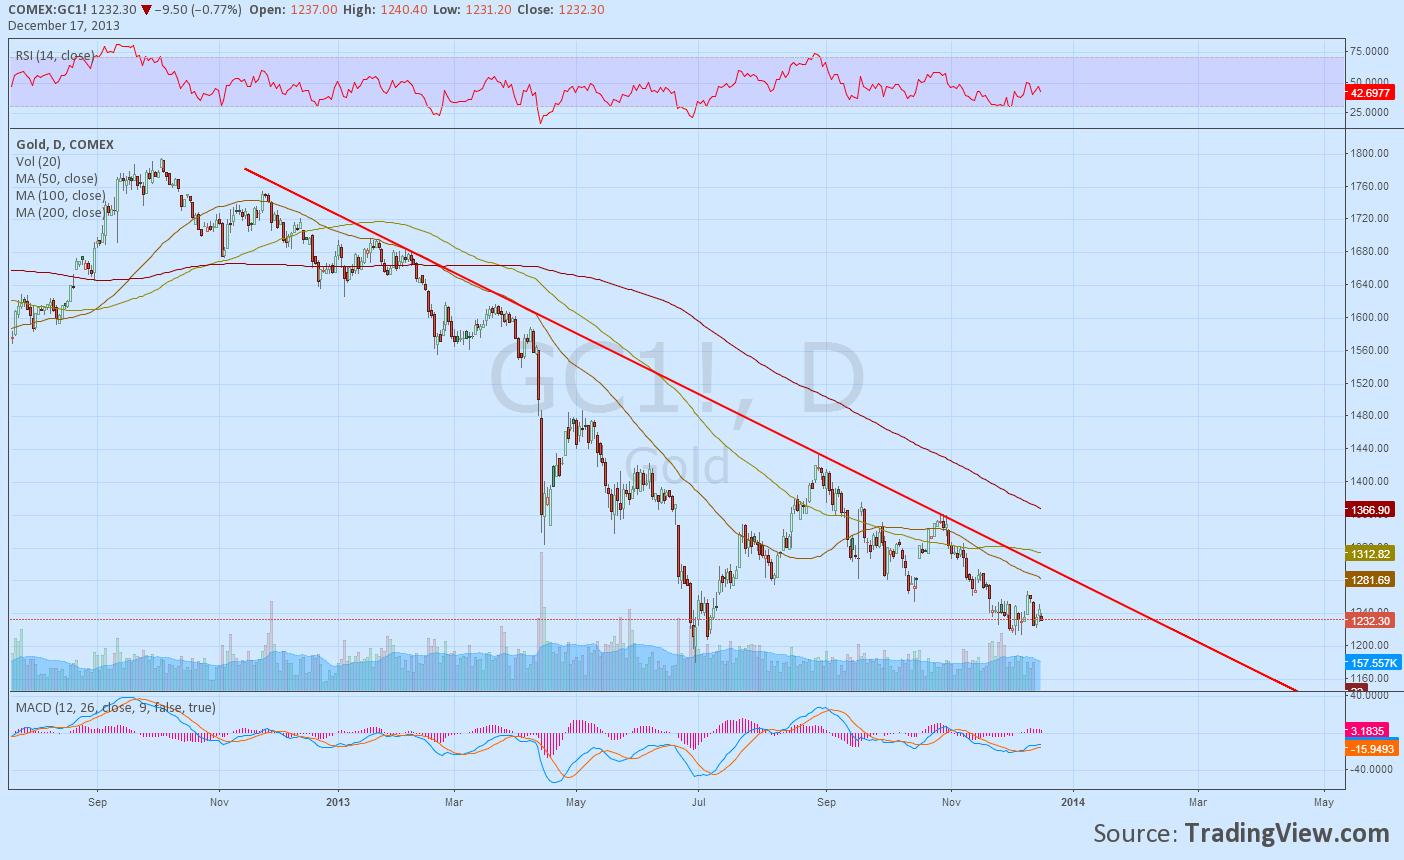 biều đồ giá vàng, dự báo giá vàng năm 2014 tăng giảm